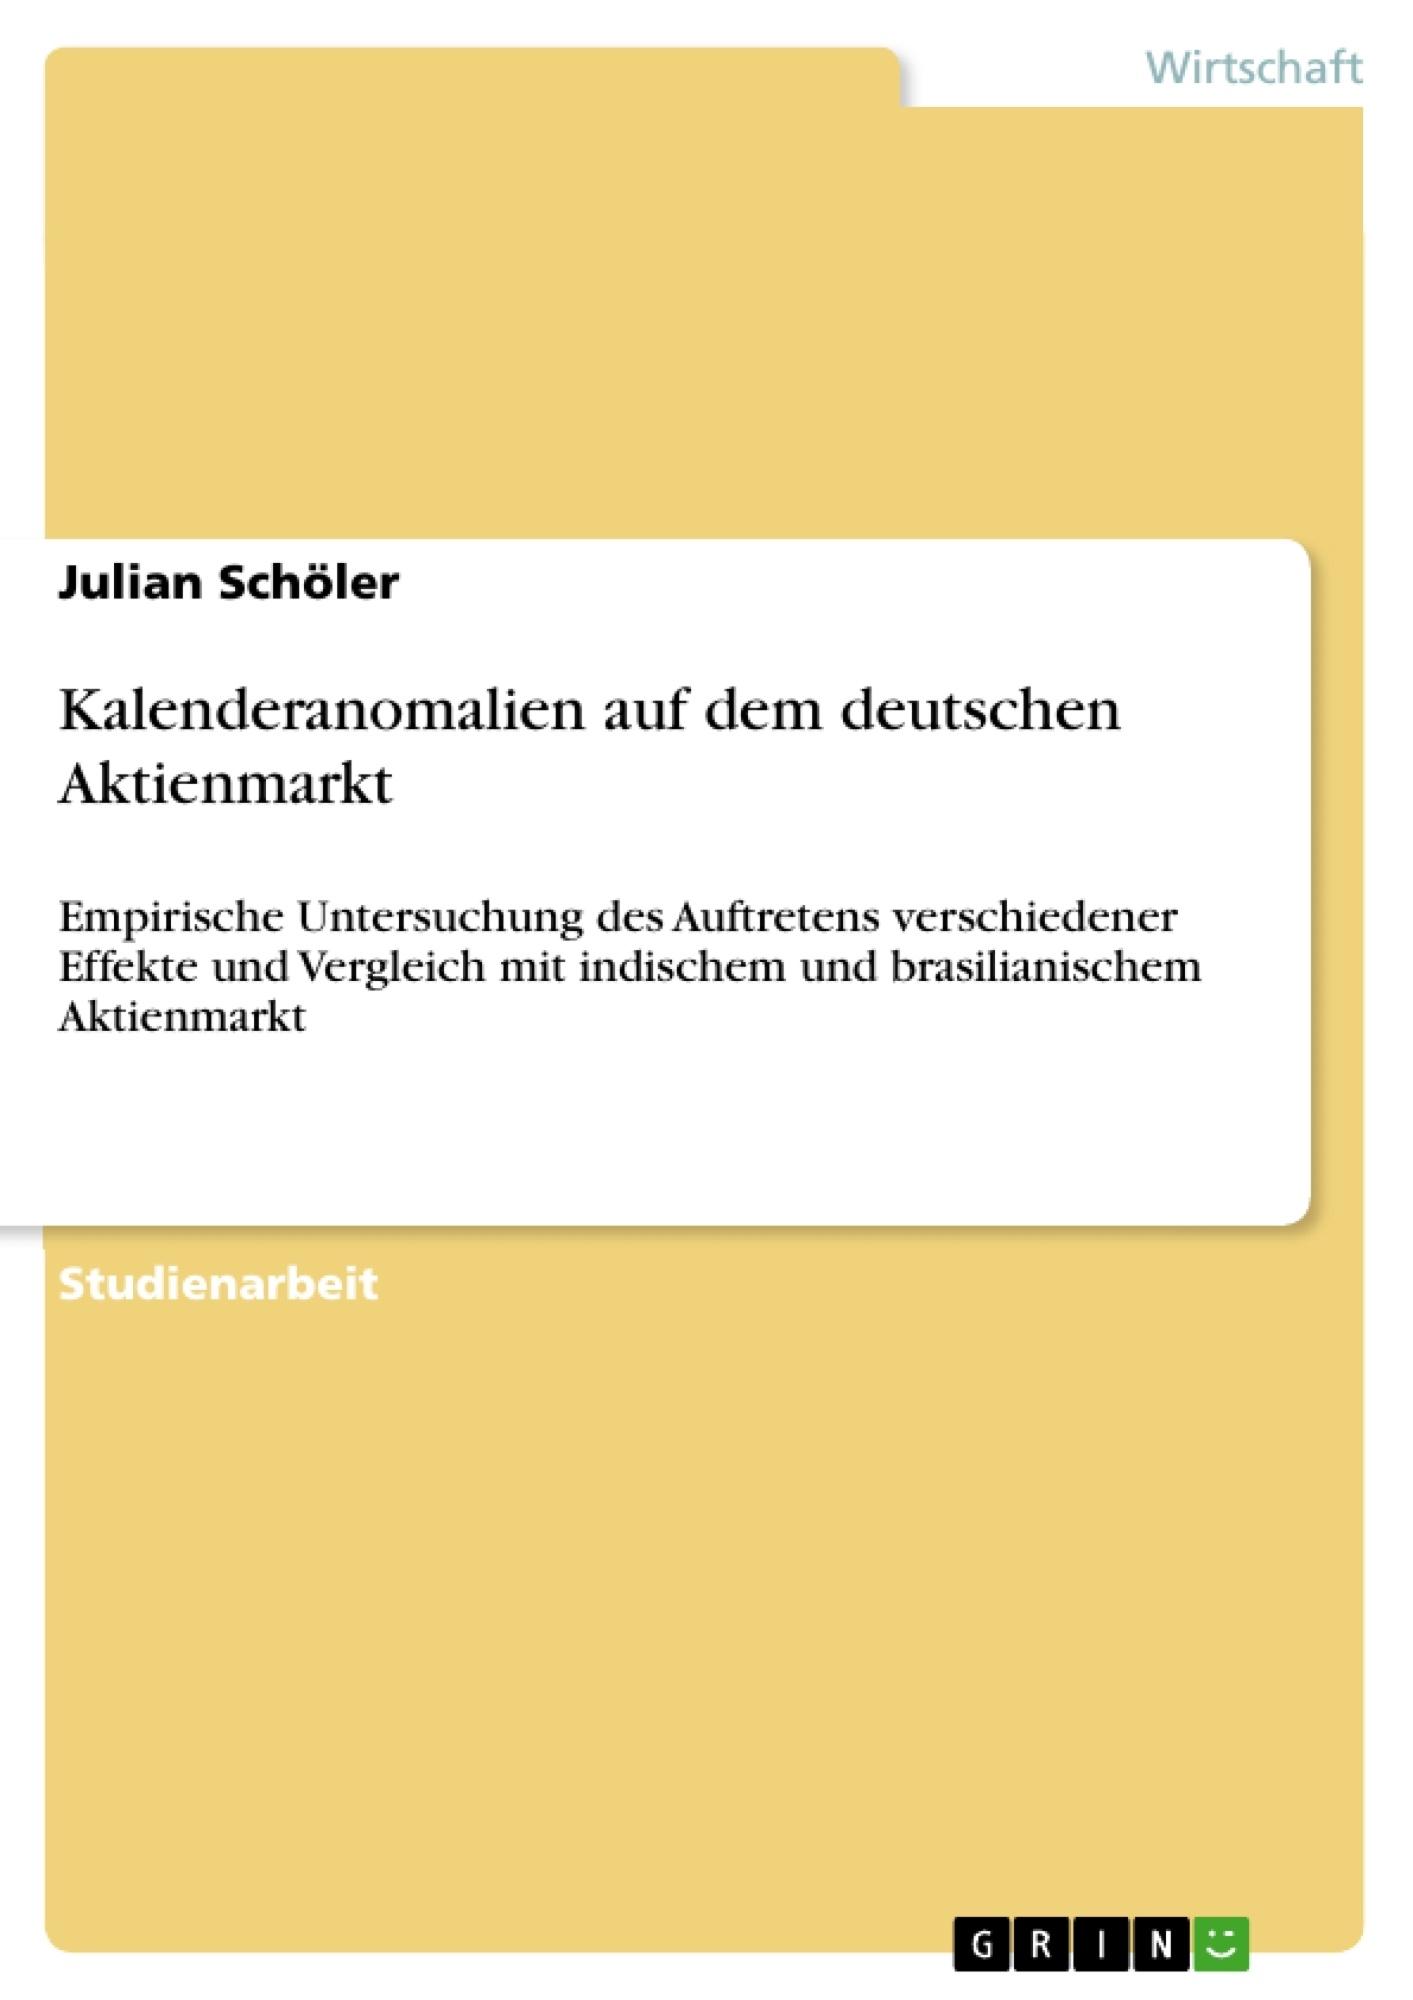 Titel: Kalenderanomalien auf dem deutschen Aktienmarkt